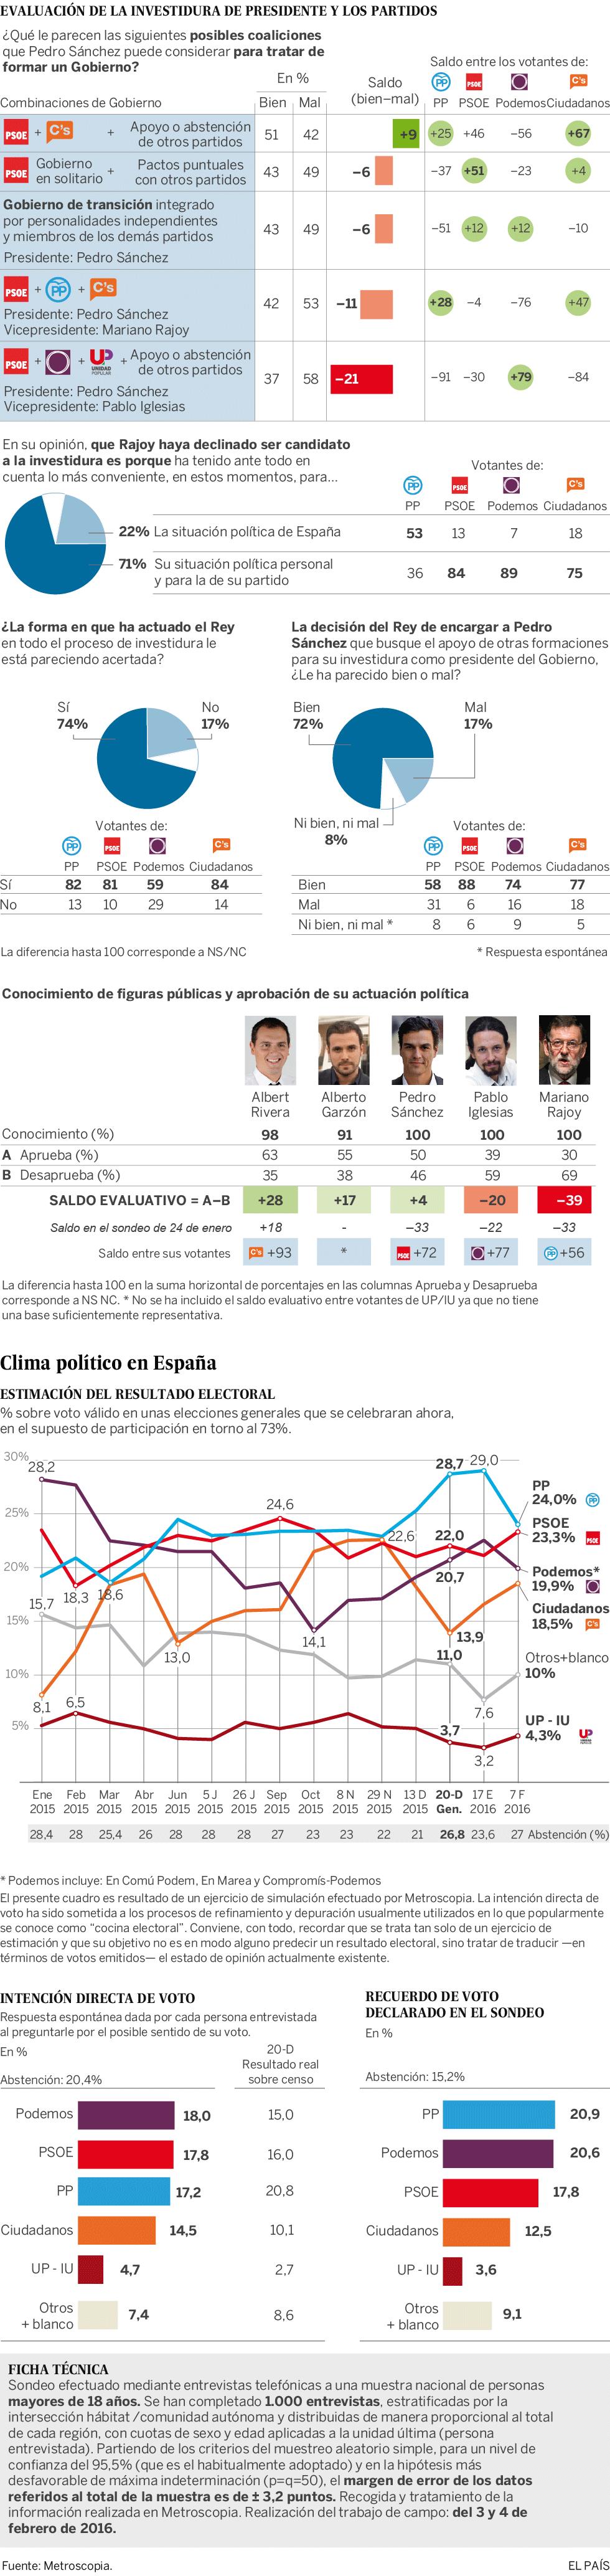 Clima político e intención de voto en España